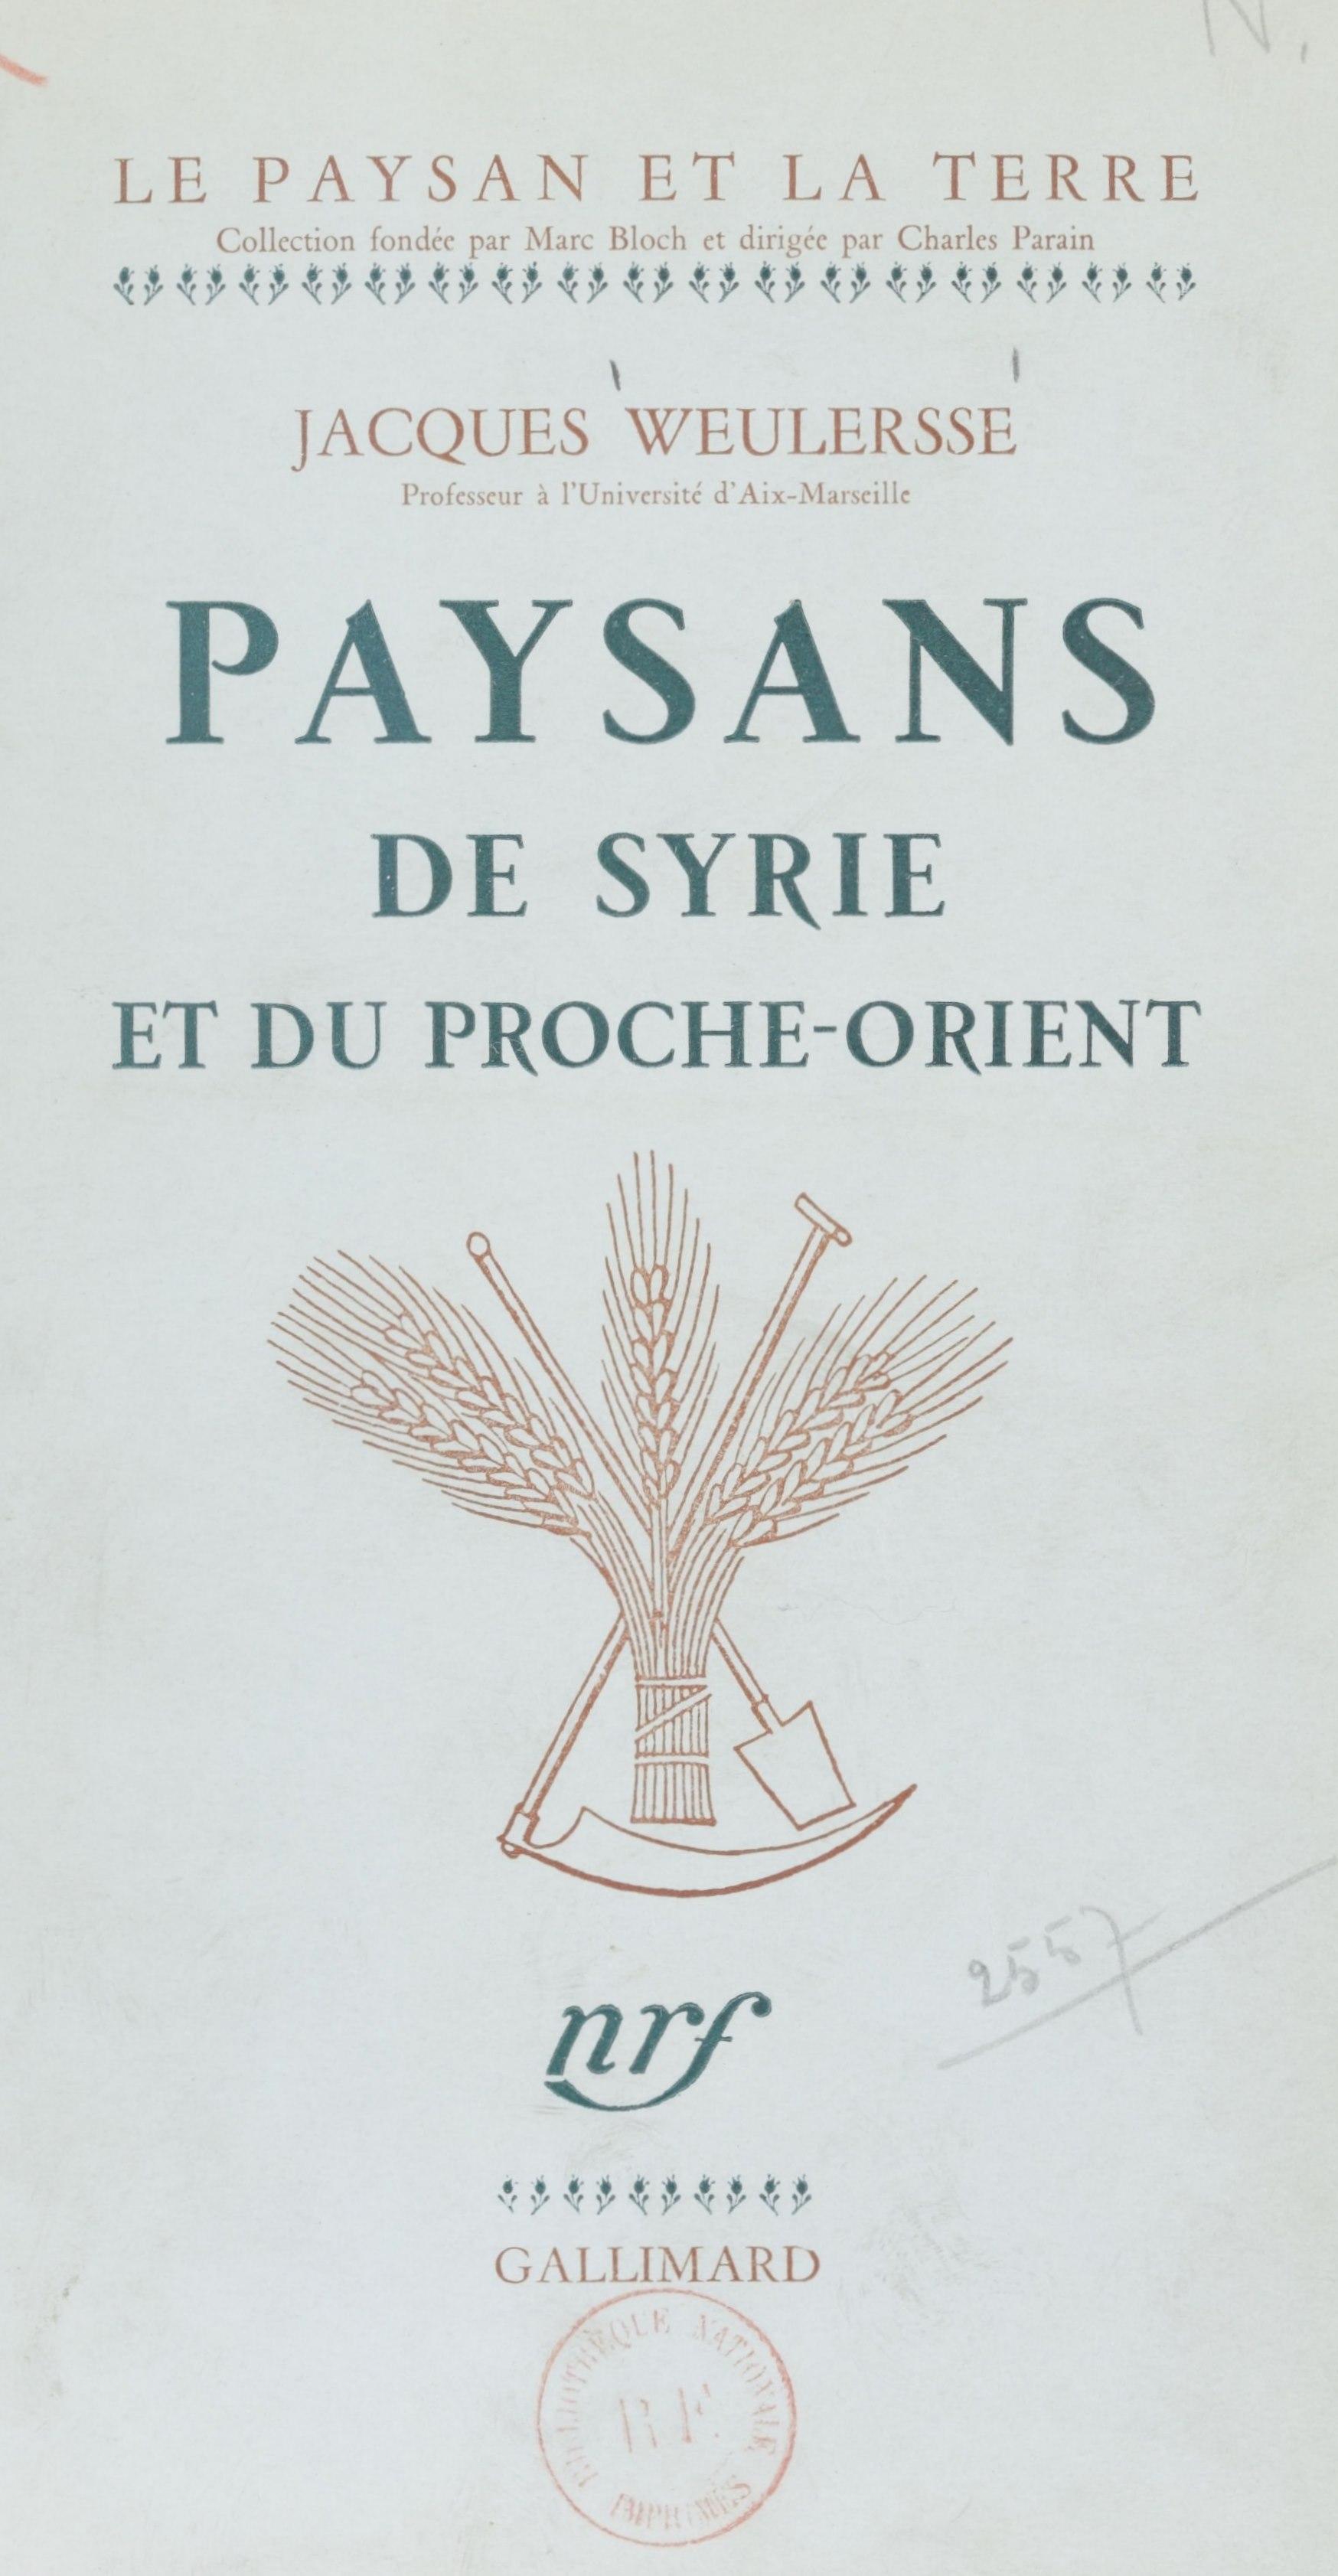 Paysans de Syrie et du Proche-Orient